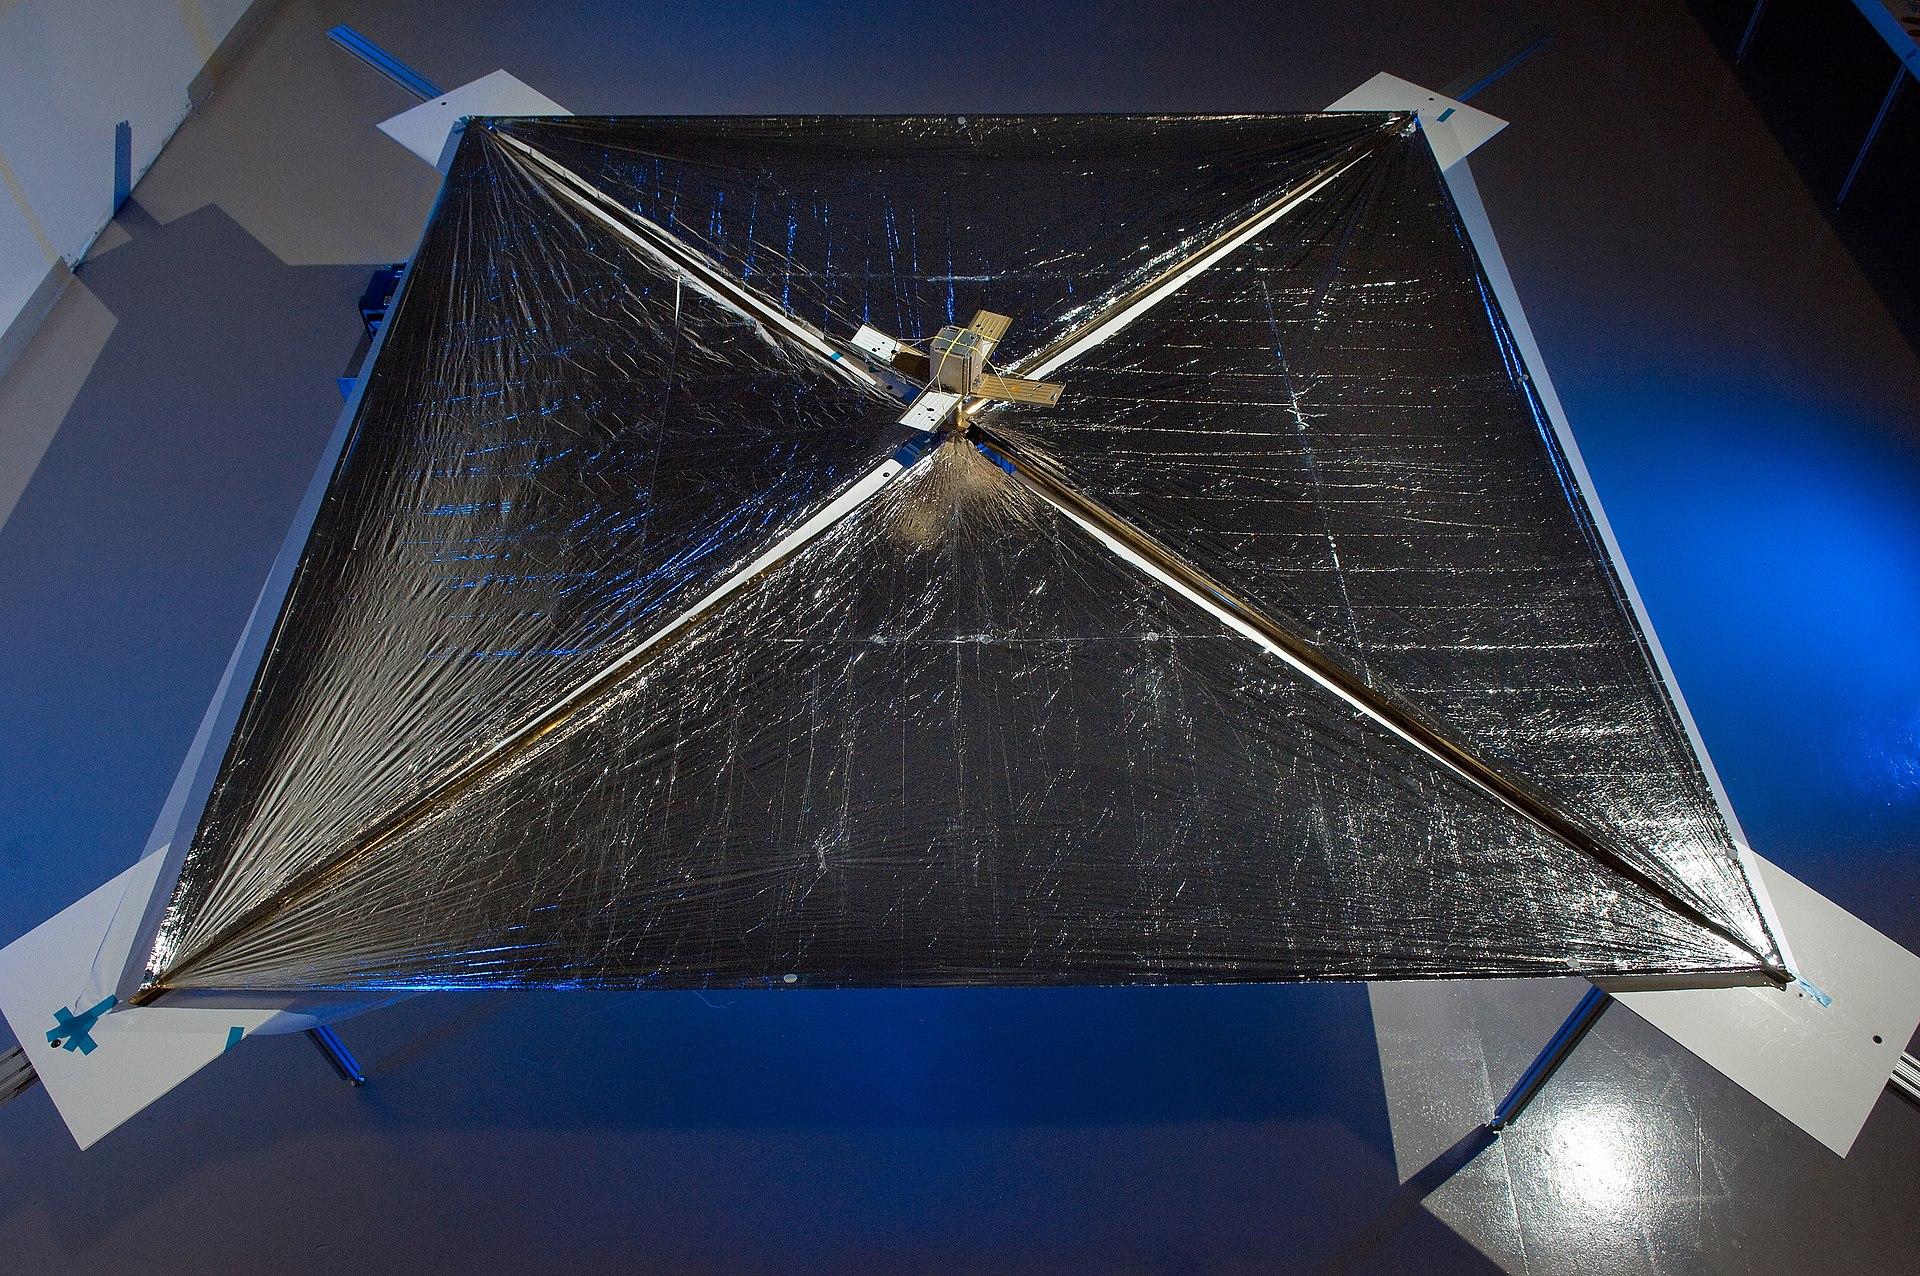 NanoSail-D sail